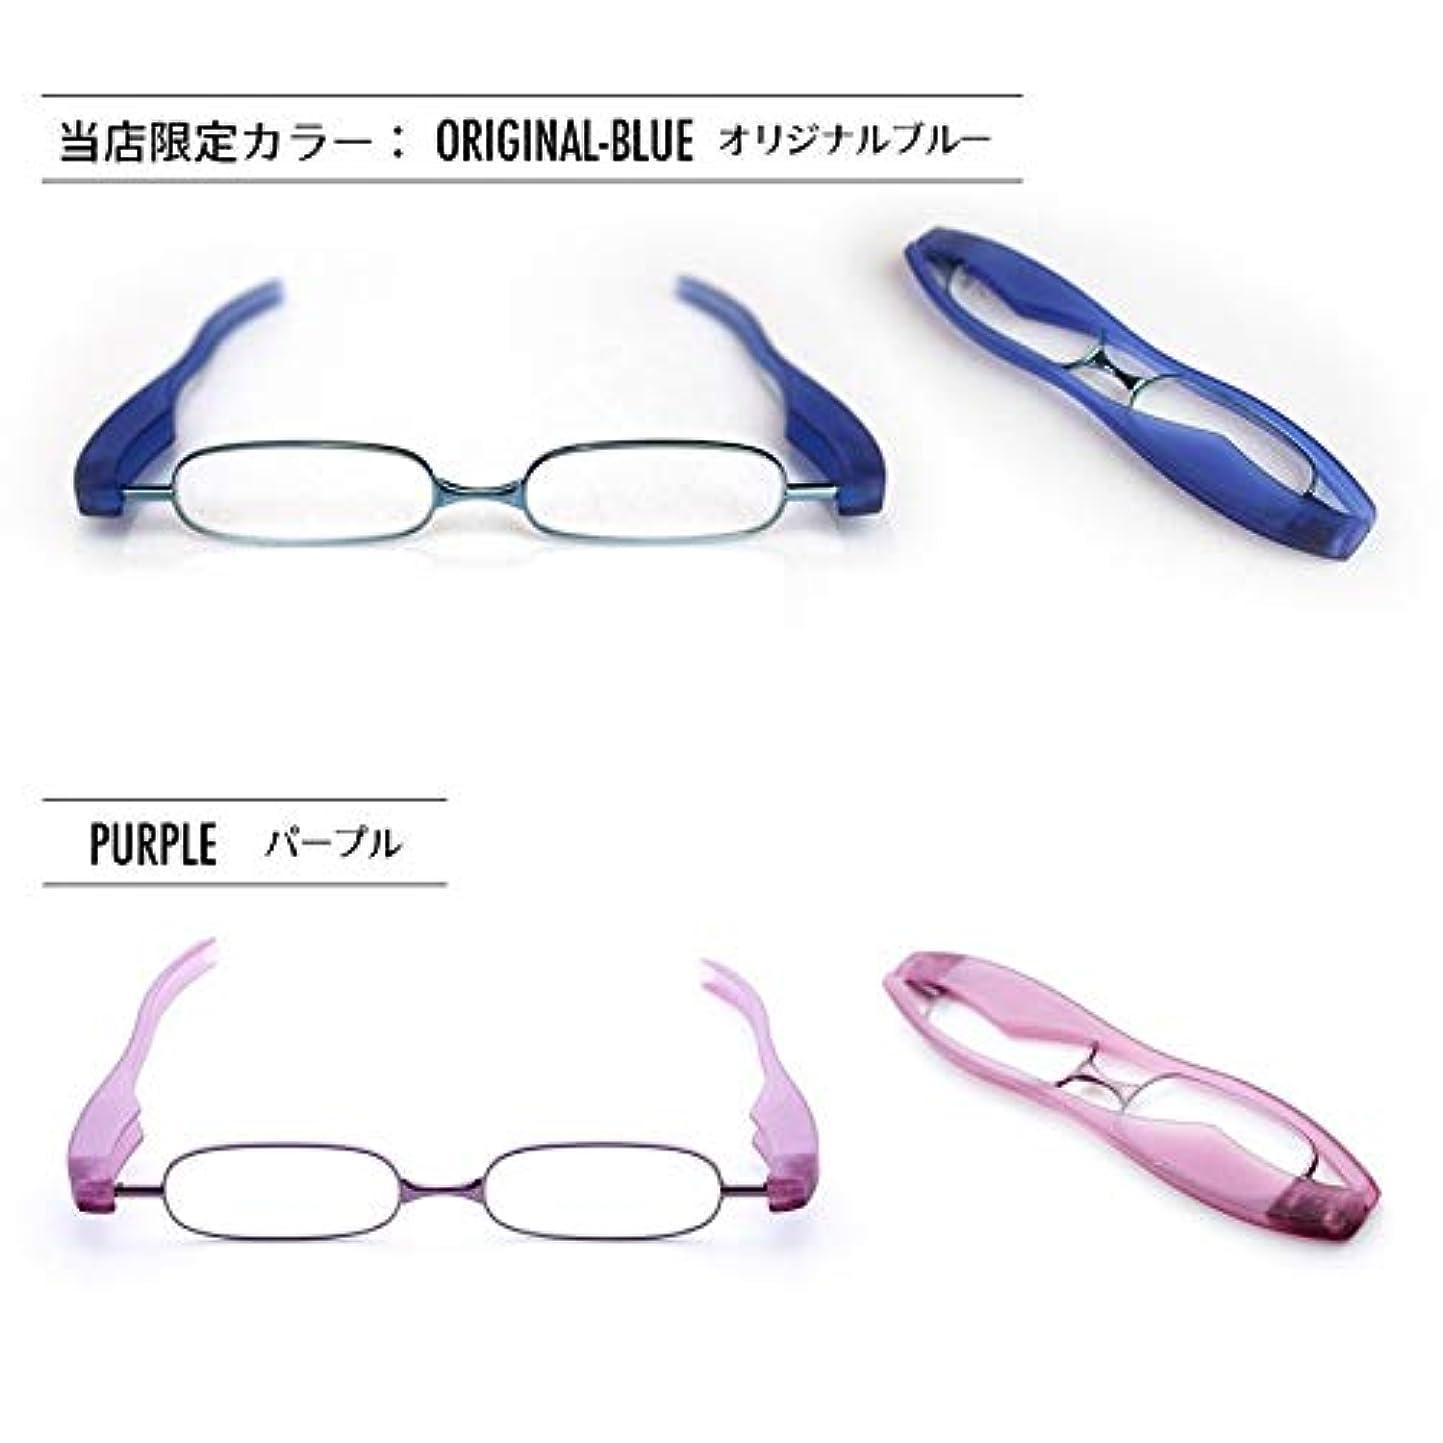 老眼鏡 ポットリーダースマート 2本セット【オリジナルブルー(2.0)】+【パープル(2.0)】